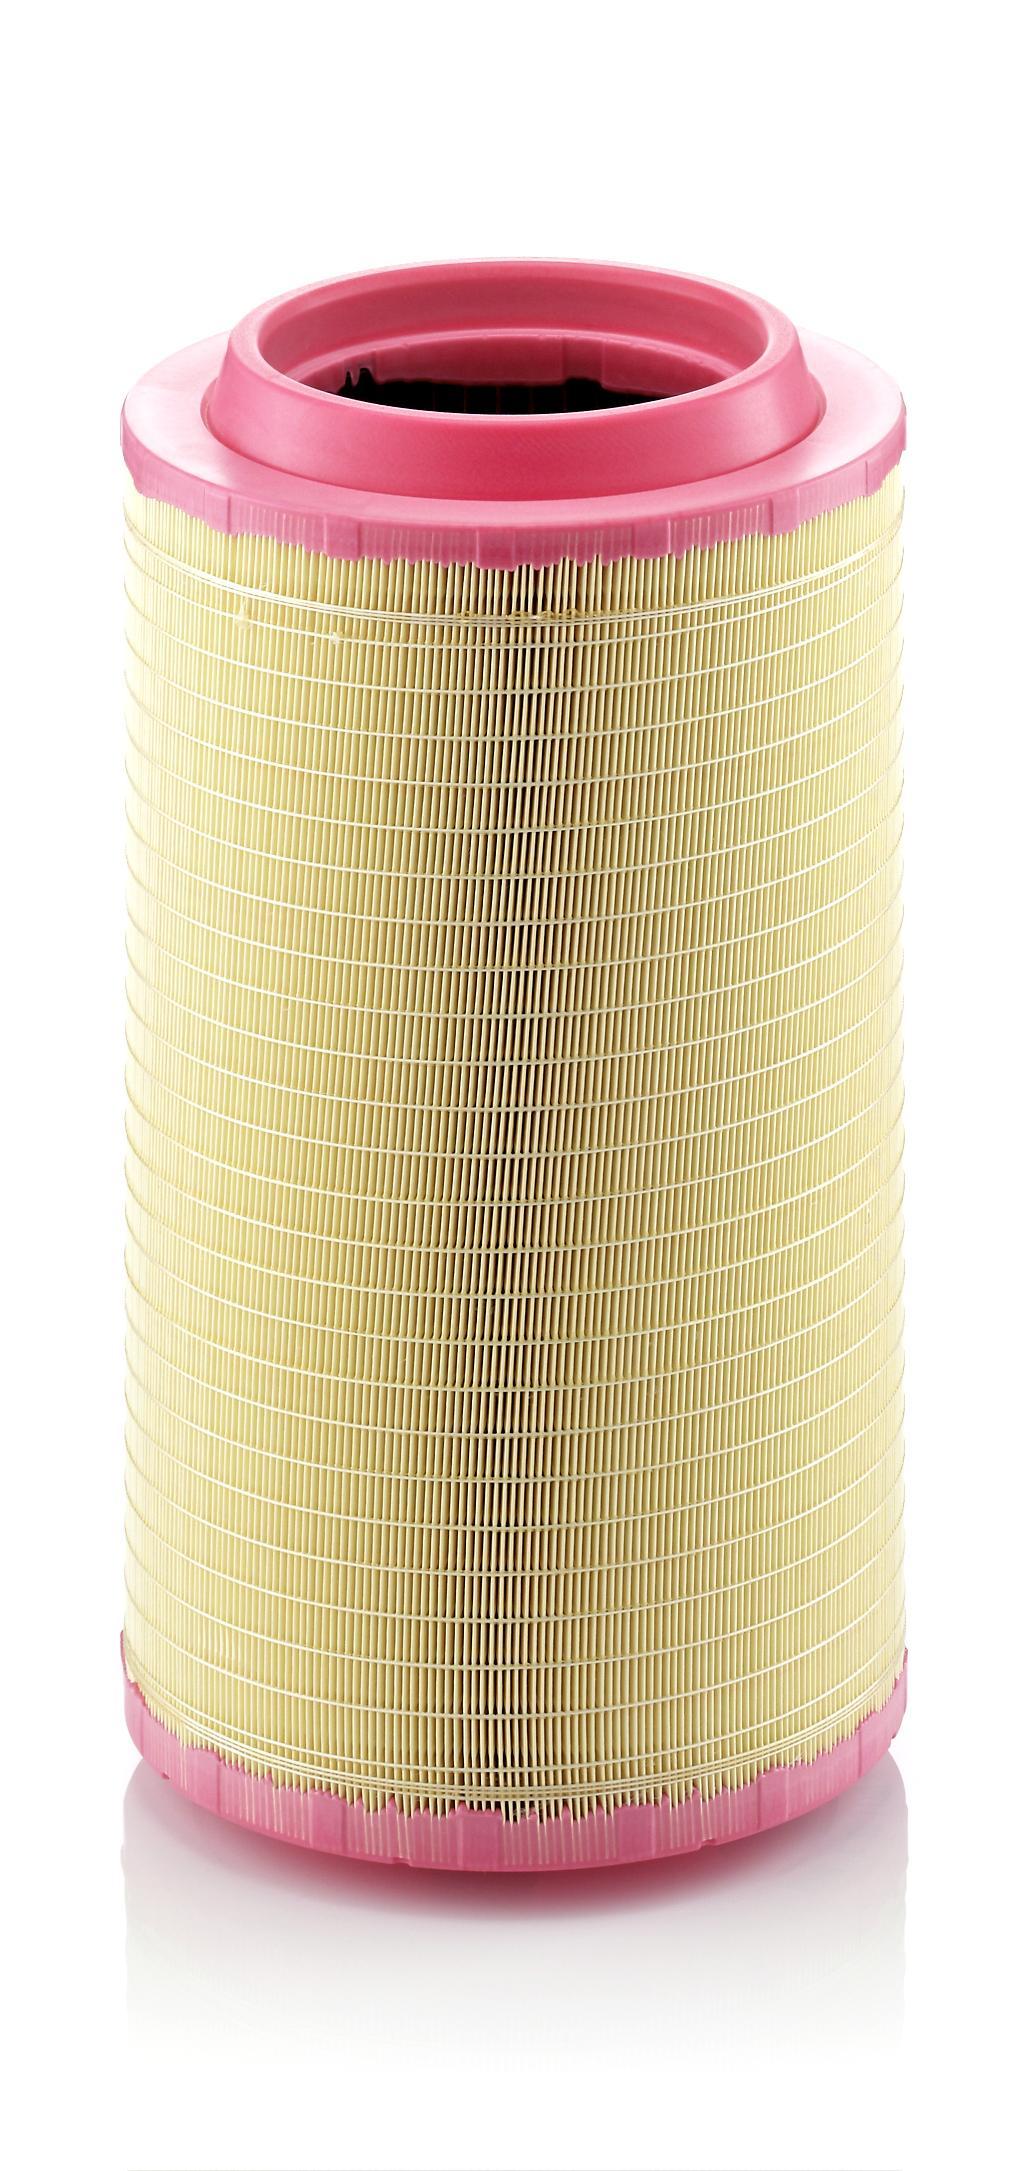 C 27 1170/6 MANN-FILTER Luftfilter für GINAF online bestellen